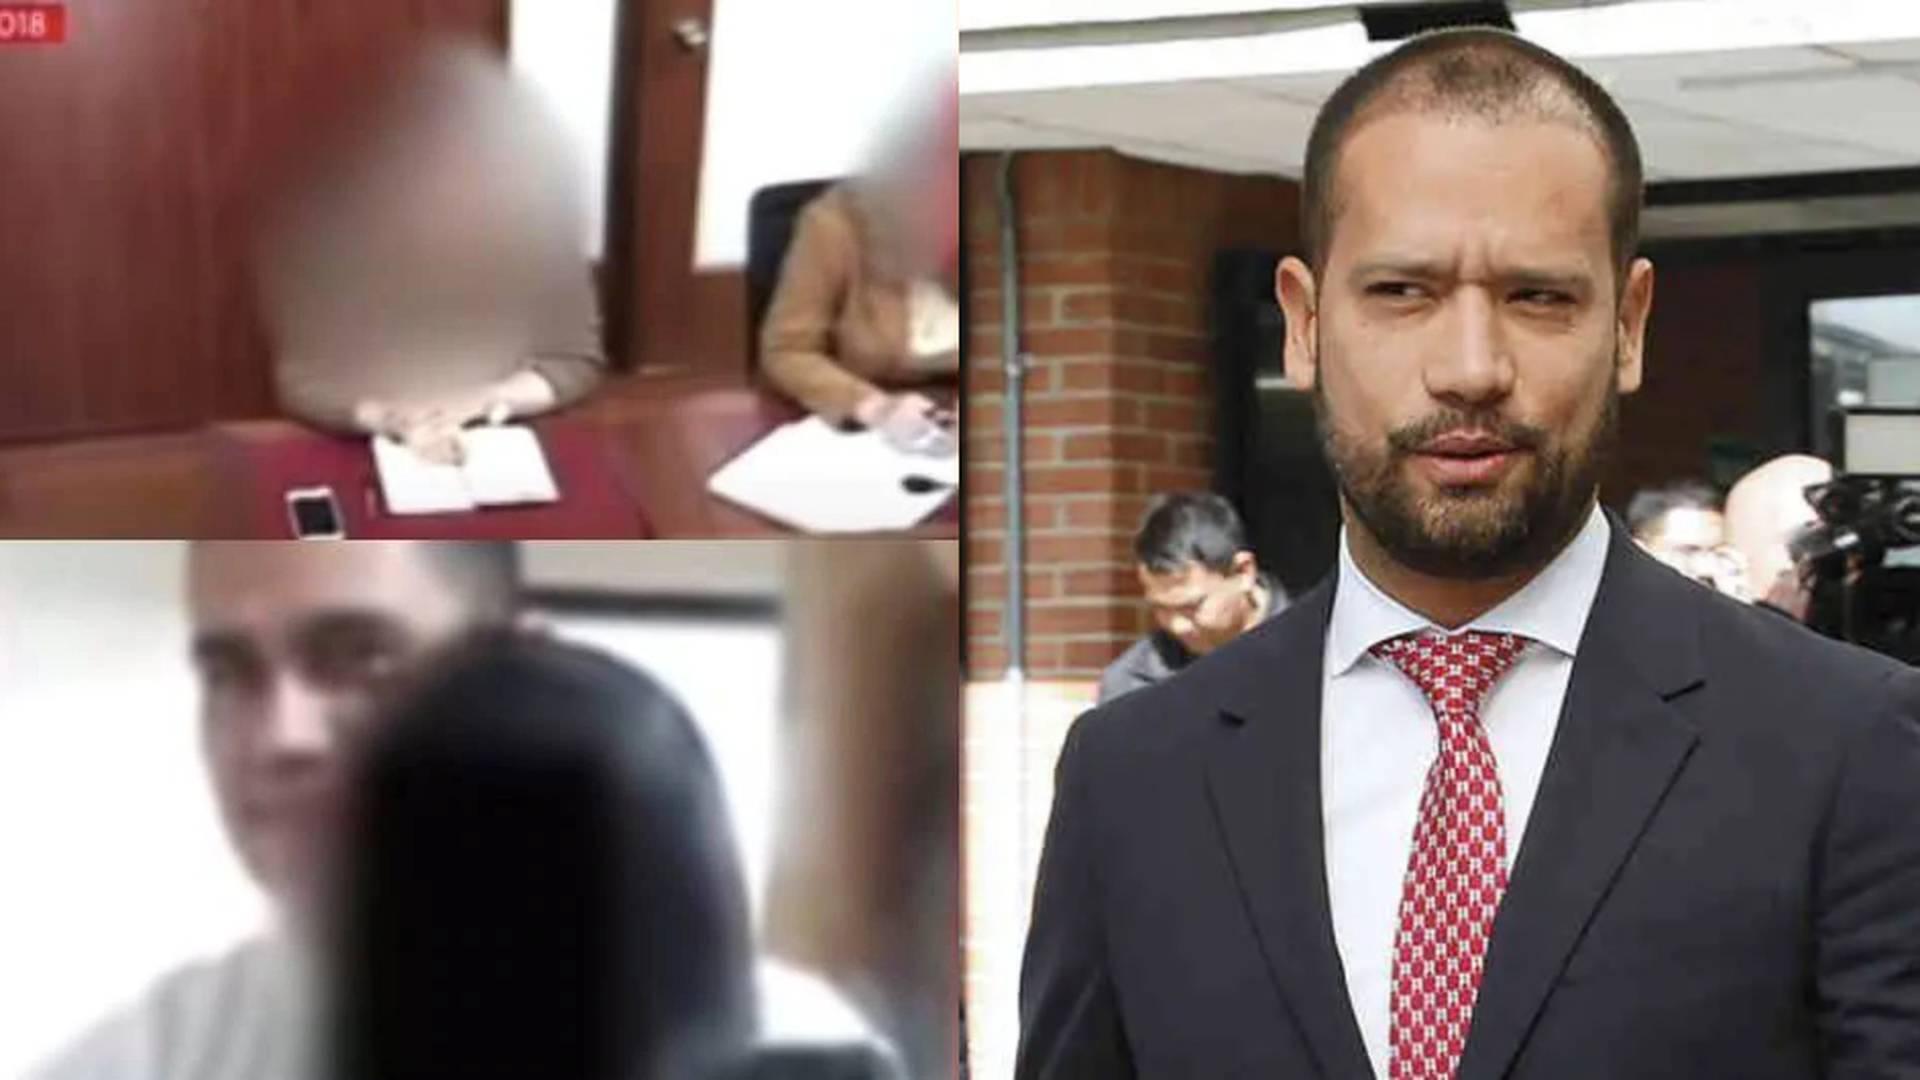 Fiscalía llama a juicio a Diego Cadena, polémico exabogado de Uribe acusado  de manipulación de testigos